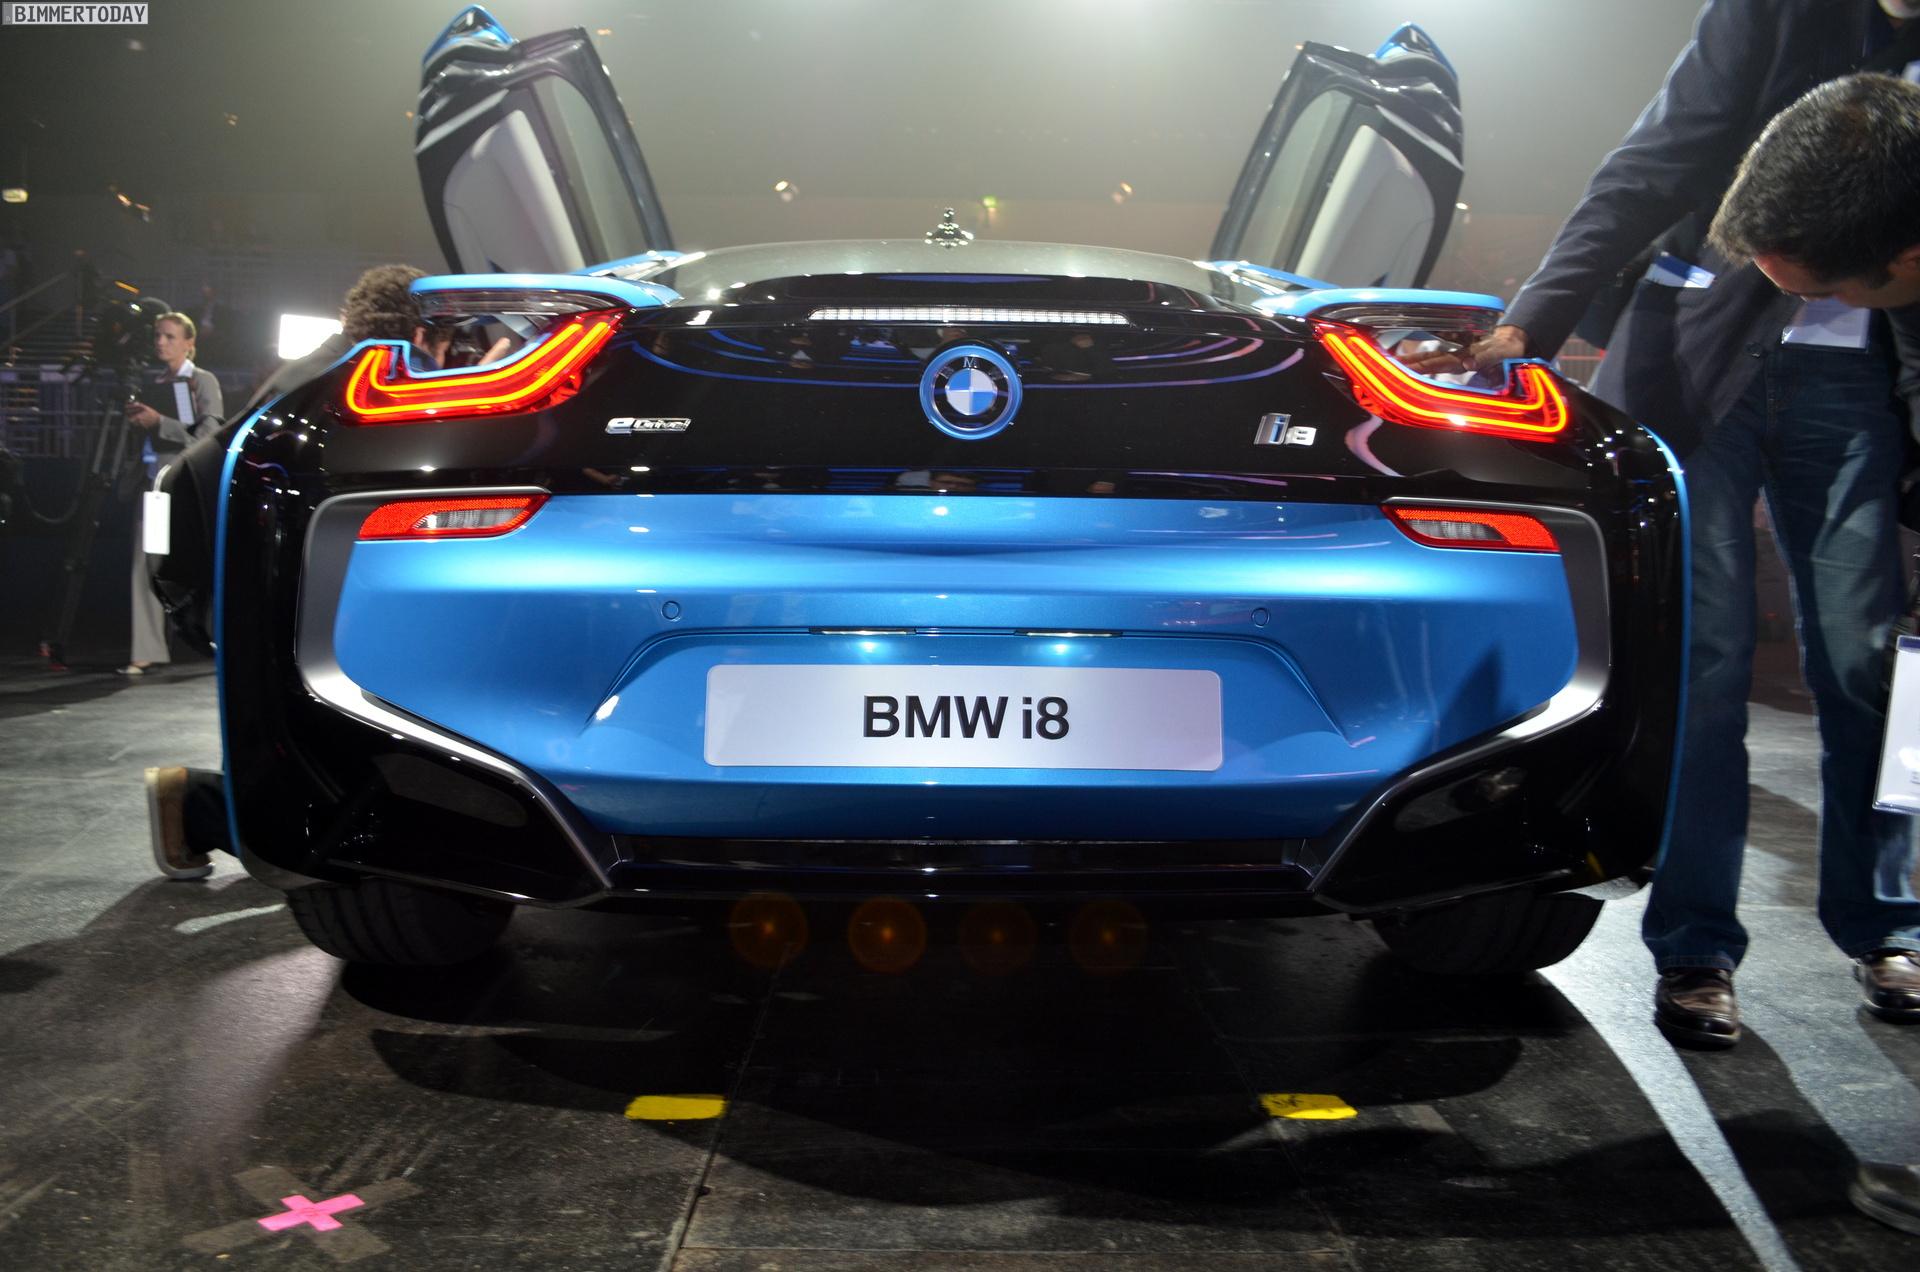 2013 - [BMW] i8 [i12] - Page 13 BMW-i8-Hybrid-eDrive-Weltpremiere-Protonic-Blue-IAA-2013-LIVE-13